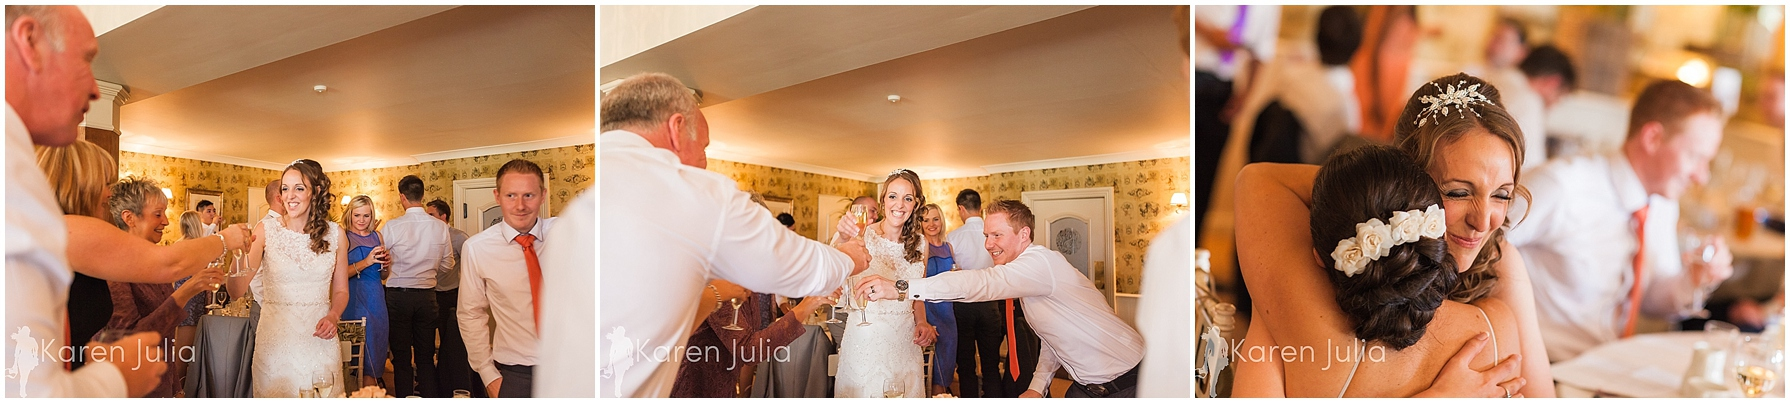 Shireburn-Arms-Wedding-Photography-45